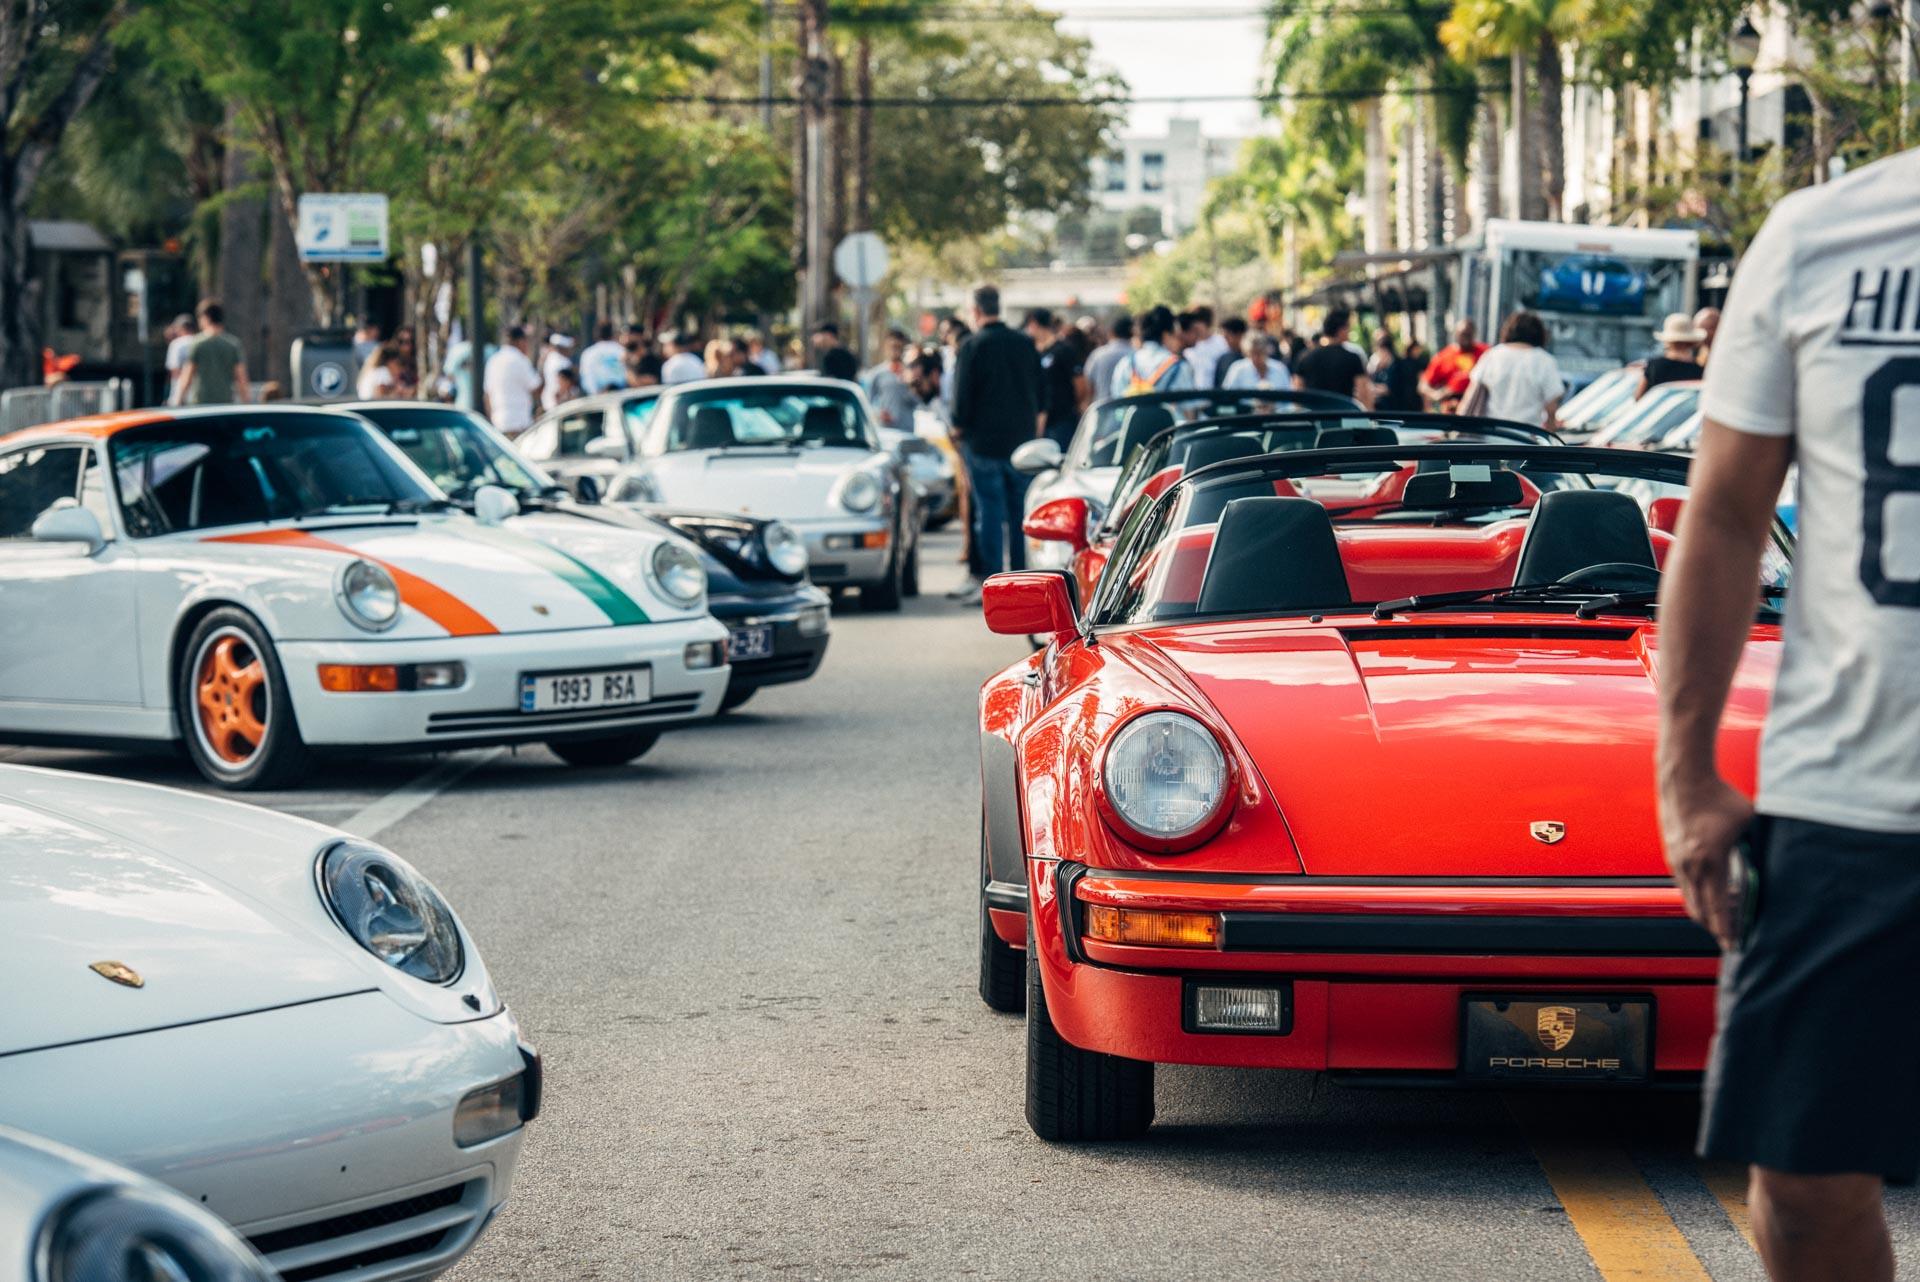 Porsches at DRT Das Renn Treffen 2019